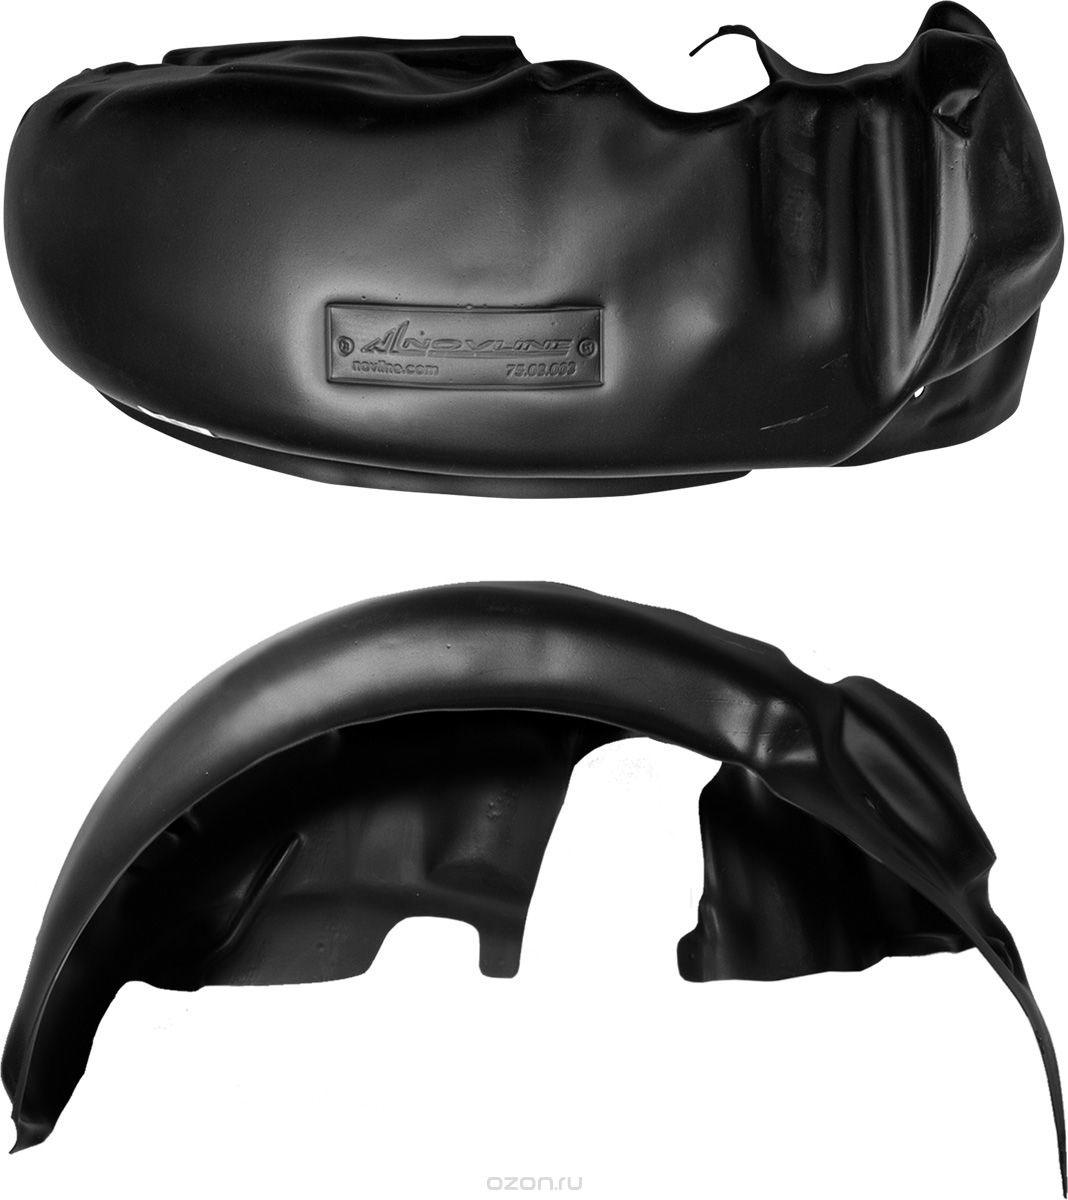 Подкрылок Novline-Autofamily, для Toyota Venza, 2013->, передний правыйNLL.48.56.002Идеальная защита колесной ниши. Локеры разработаны с применением цифровых технологий, гарантируют максимальную повторяемость поверхности арки. Изделия устанавливаются без нарушения лакокрасочного покрытия автомобиля, каждый подкрылок комплектуется крепежом. Уважаемые клиенты, обращаем ваше внимание, что фотографии на подкрылки универсальные и не отражают реальную форму изделия. При этом само изделие идет точно под размер указанного автомобиля.